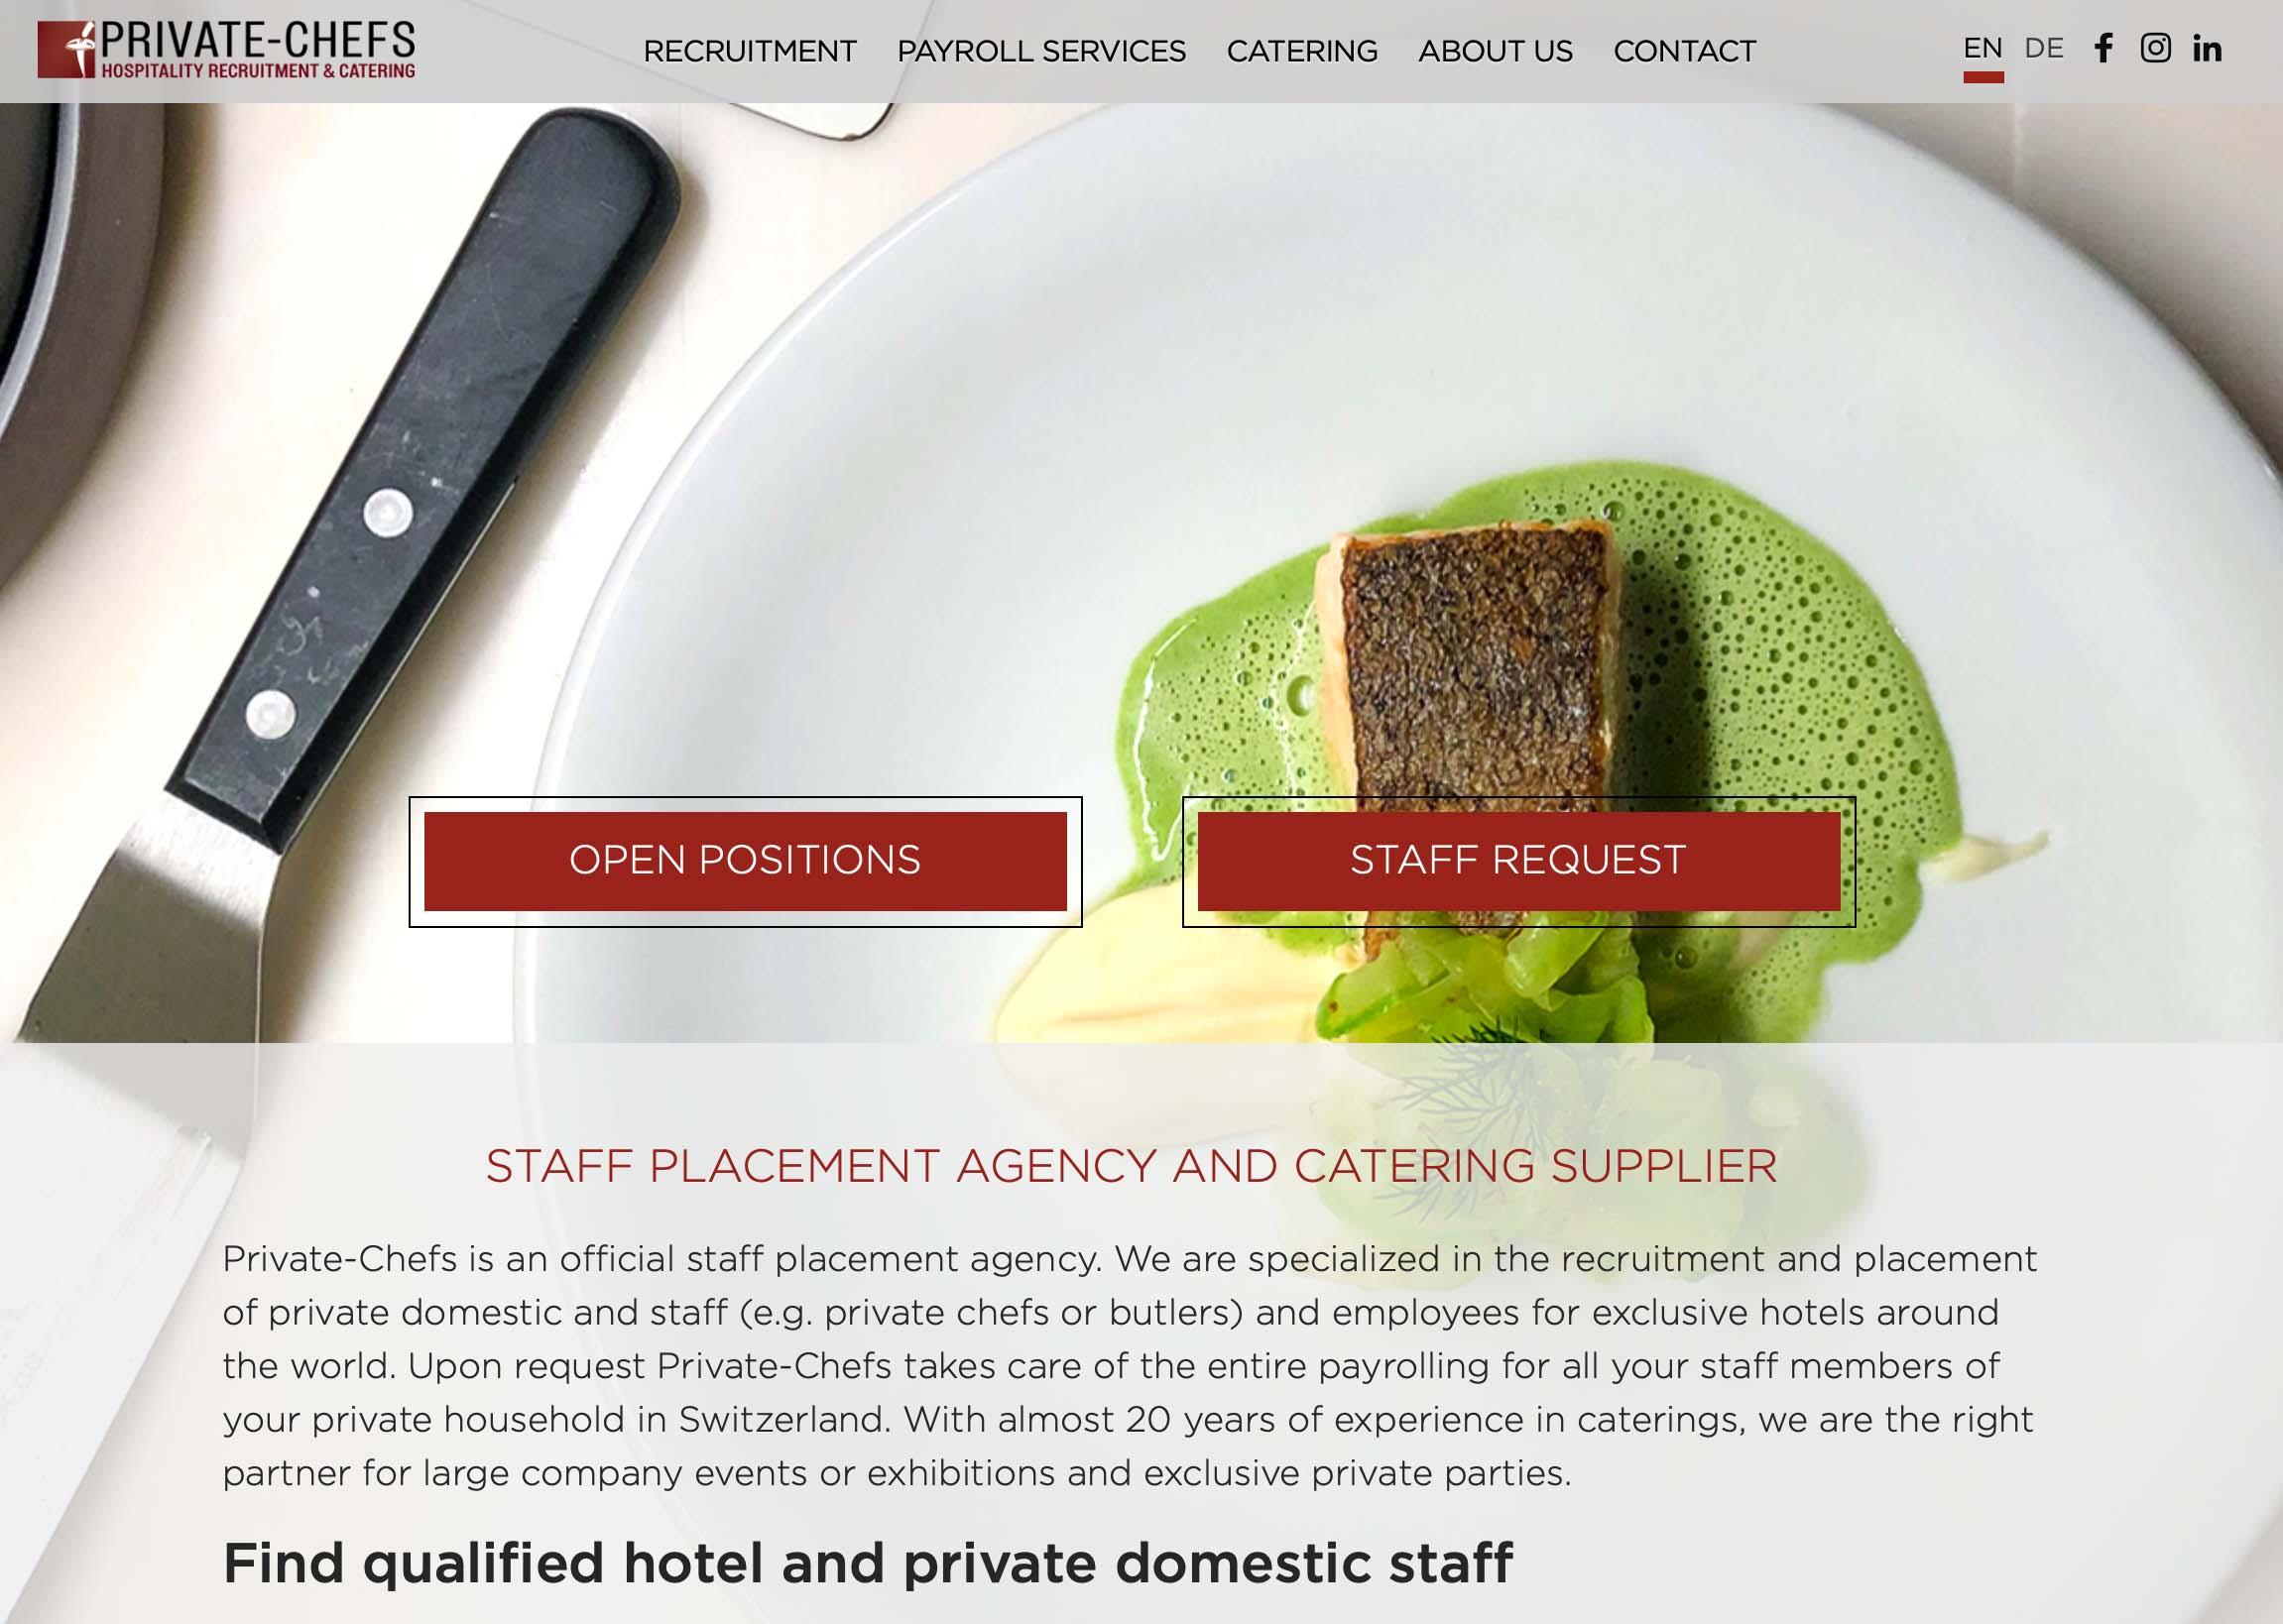 Eine neue optimierte Website, für einen besseren Service